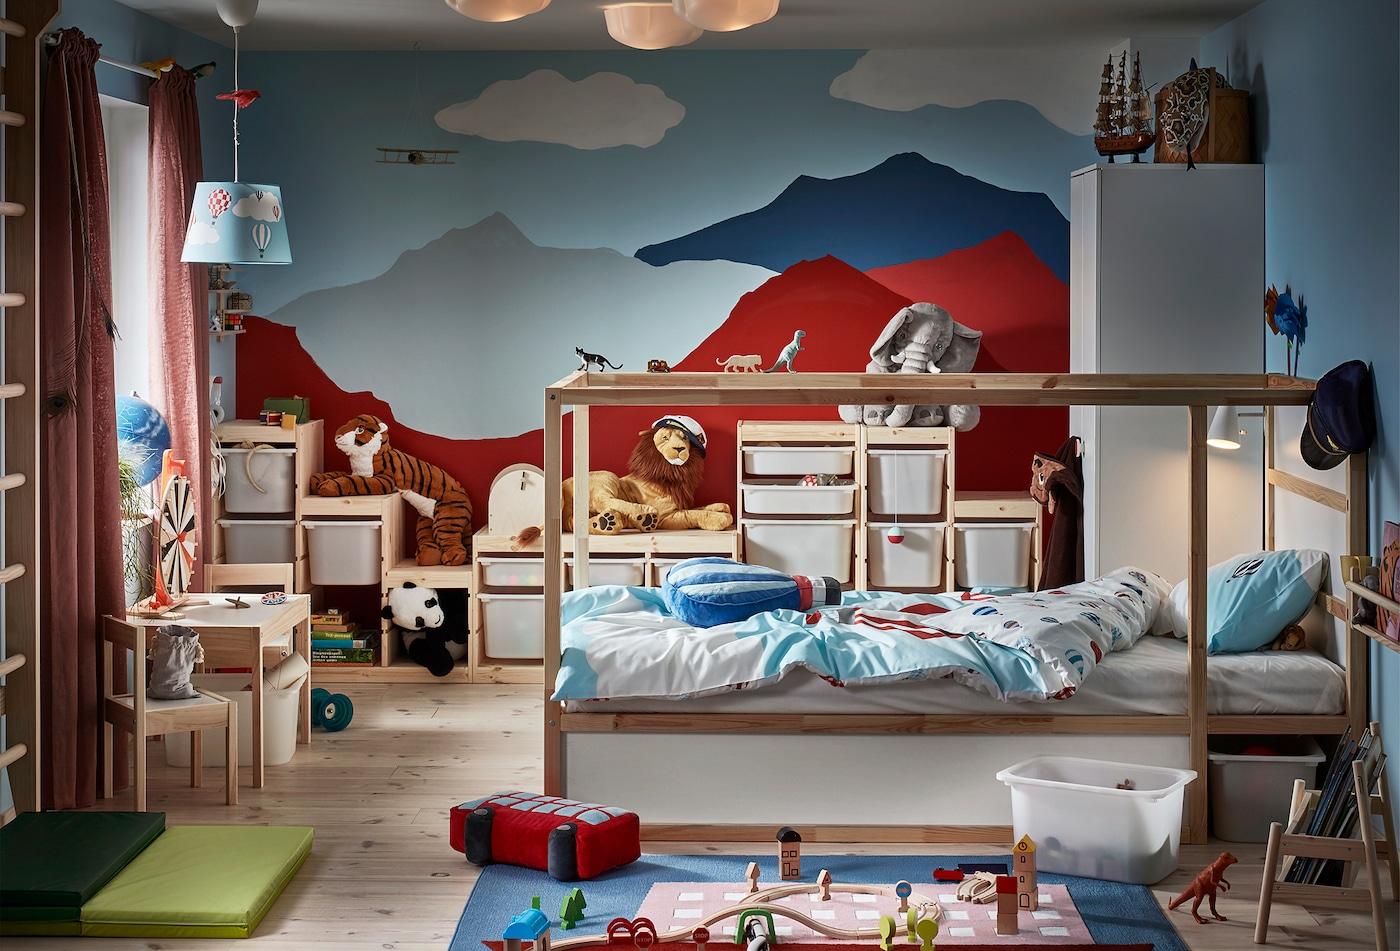 Une chambre à coucher d'enfants avec des montagnes peintes sur le mur à l'arrière-plan. Un lit réversible, des barres murales, des jouets et différents rangements.